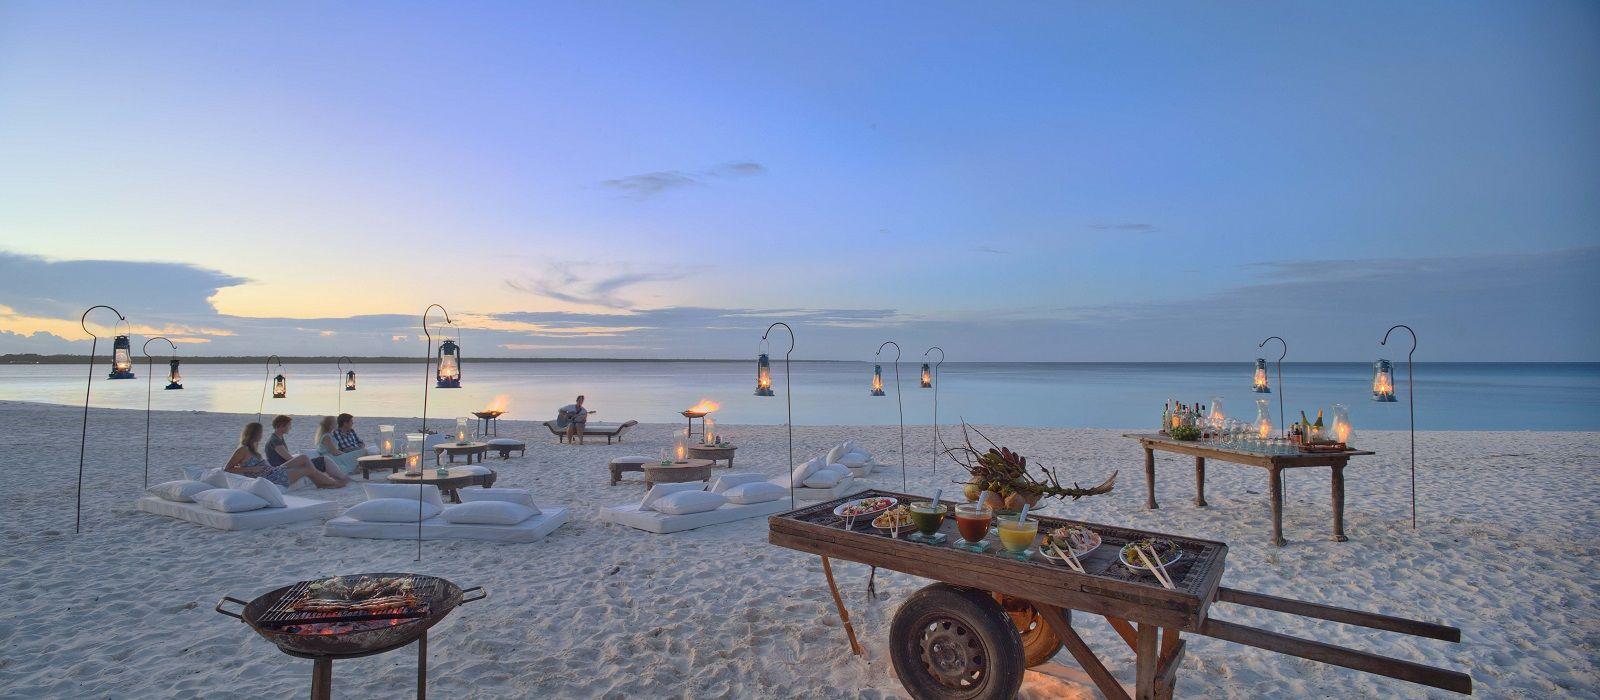 Mnemba Island Lodge Zanzibar Tanzania Tours